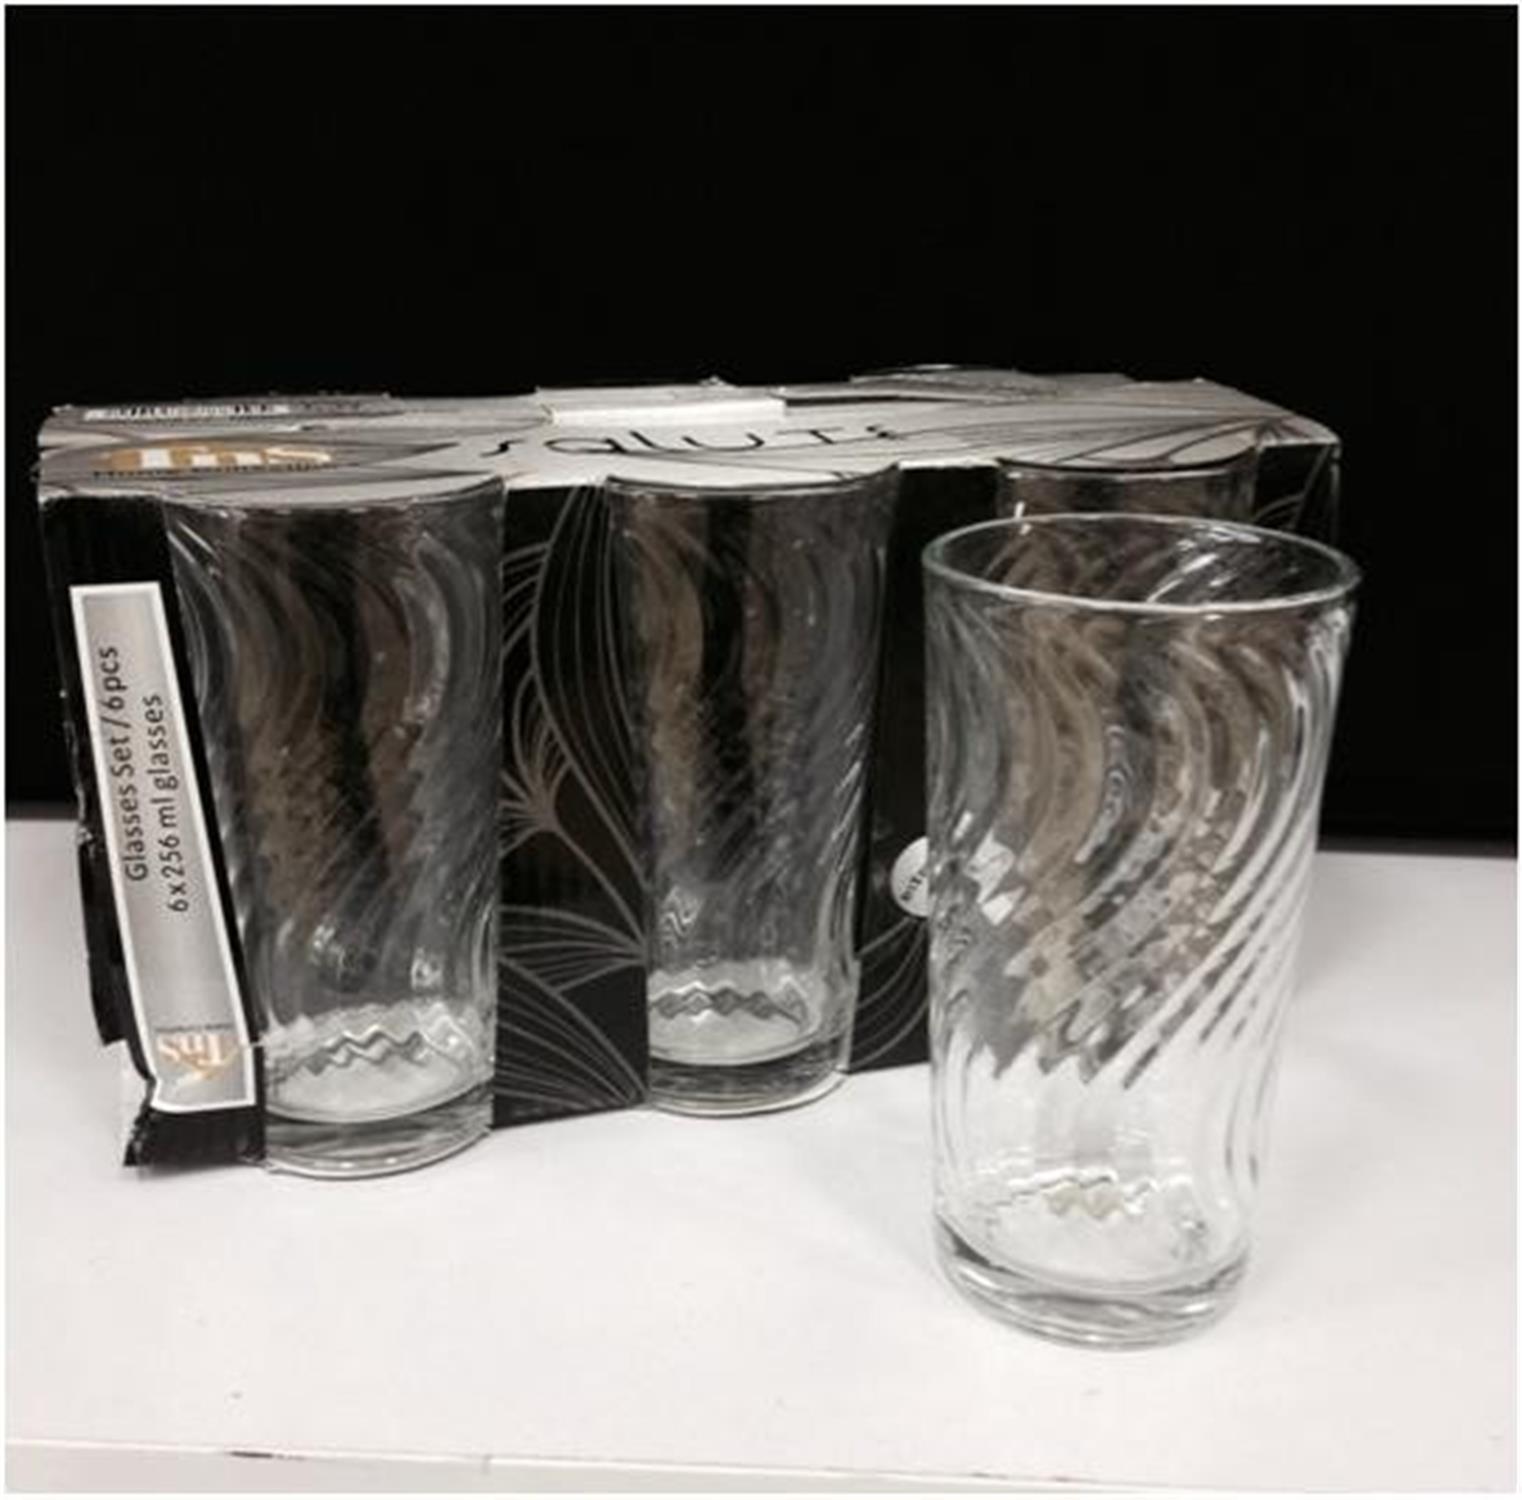 Σετ 6 γυάλινα ποτήρια σωλήνες σκάλισμα